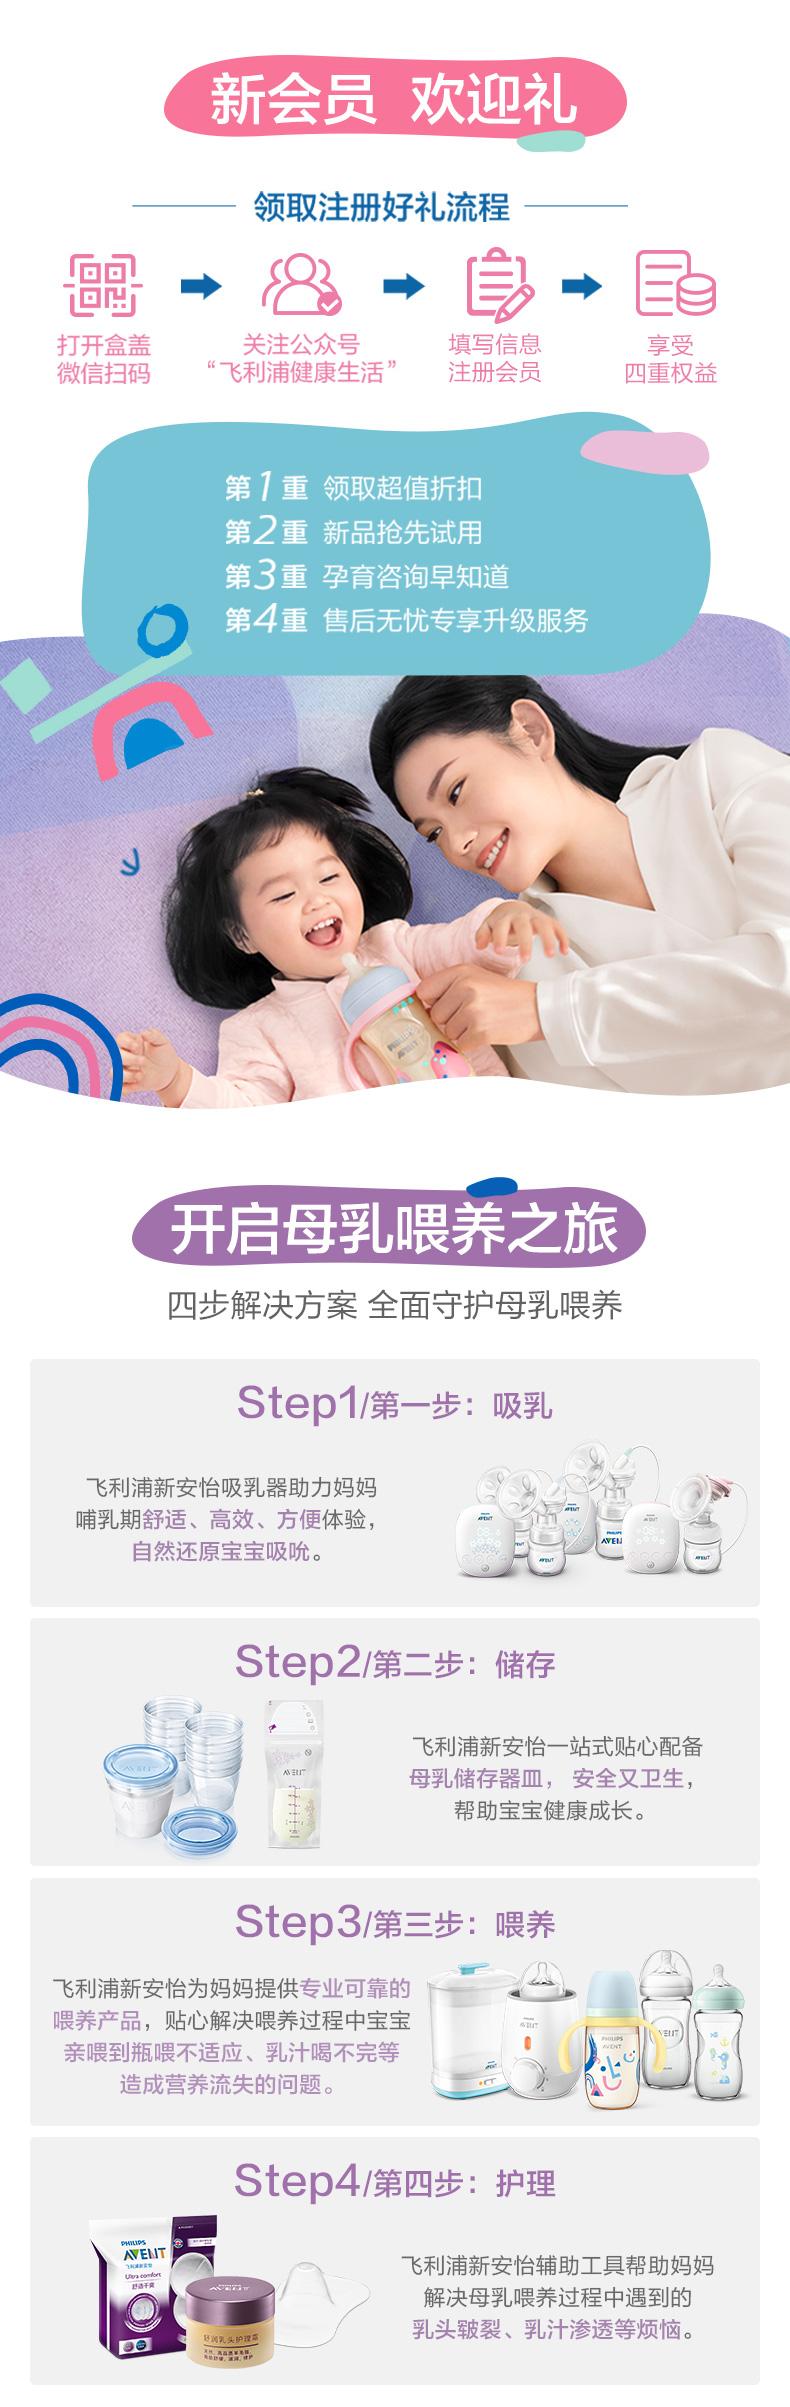 飞利浦新安怡 PPSU奶瓶 婴儿仿母乳硅橡胶奶嘴200ML SCF582/12